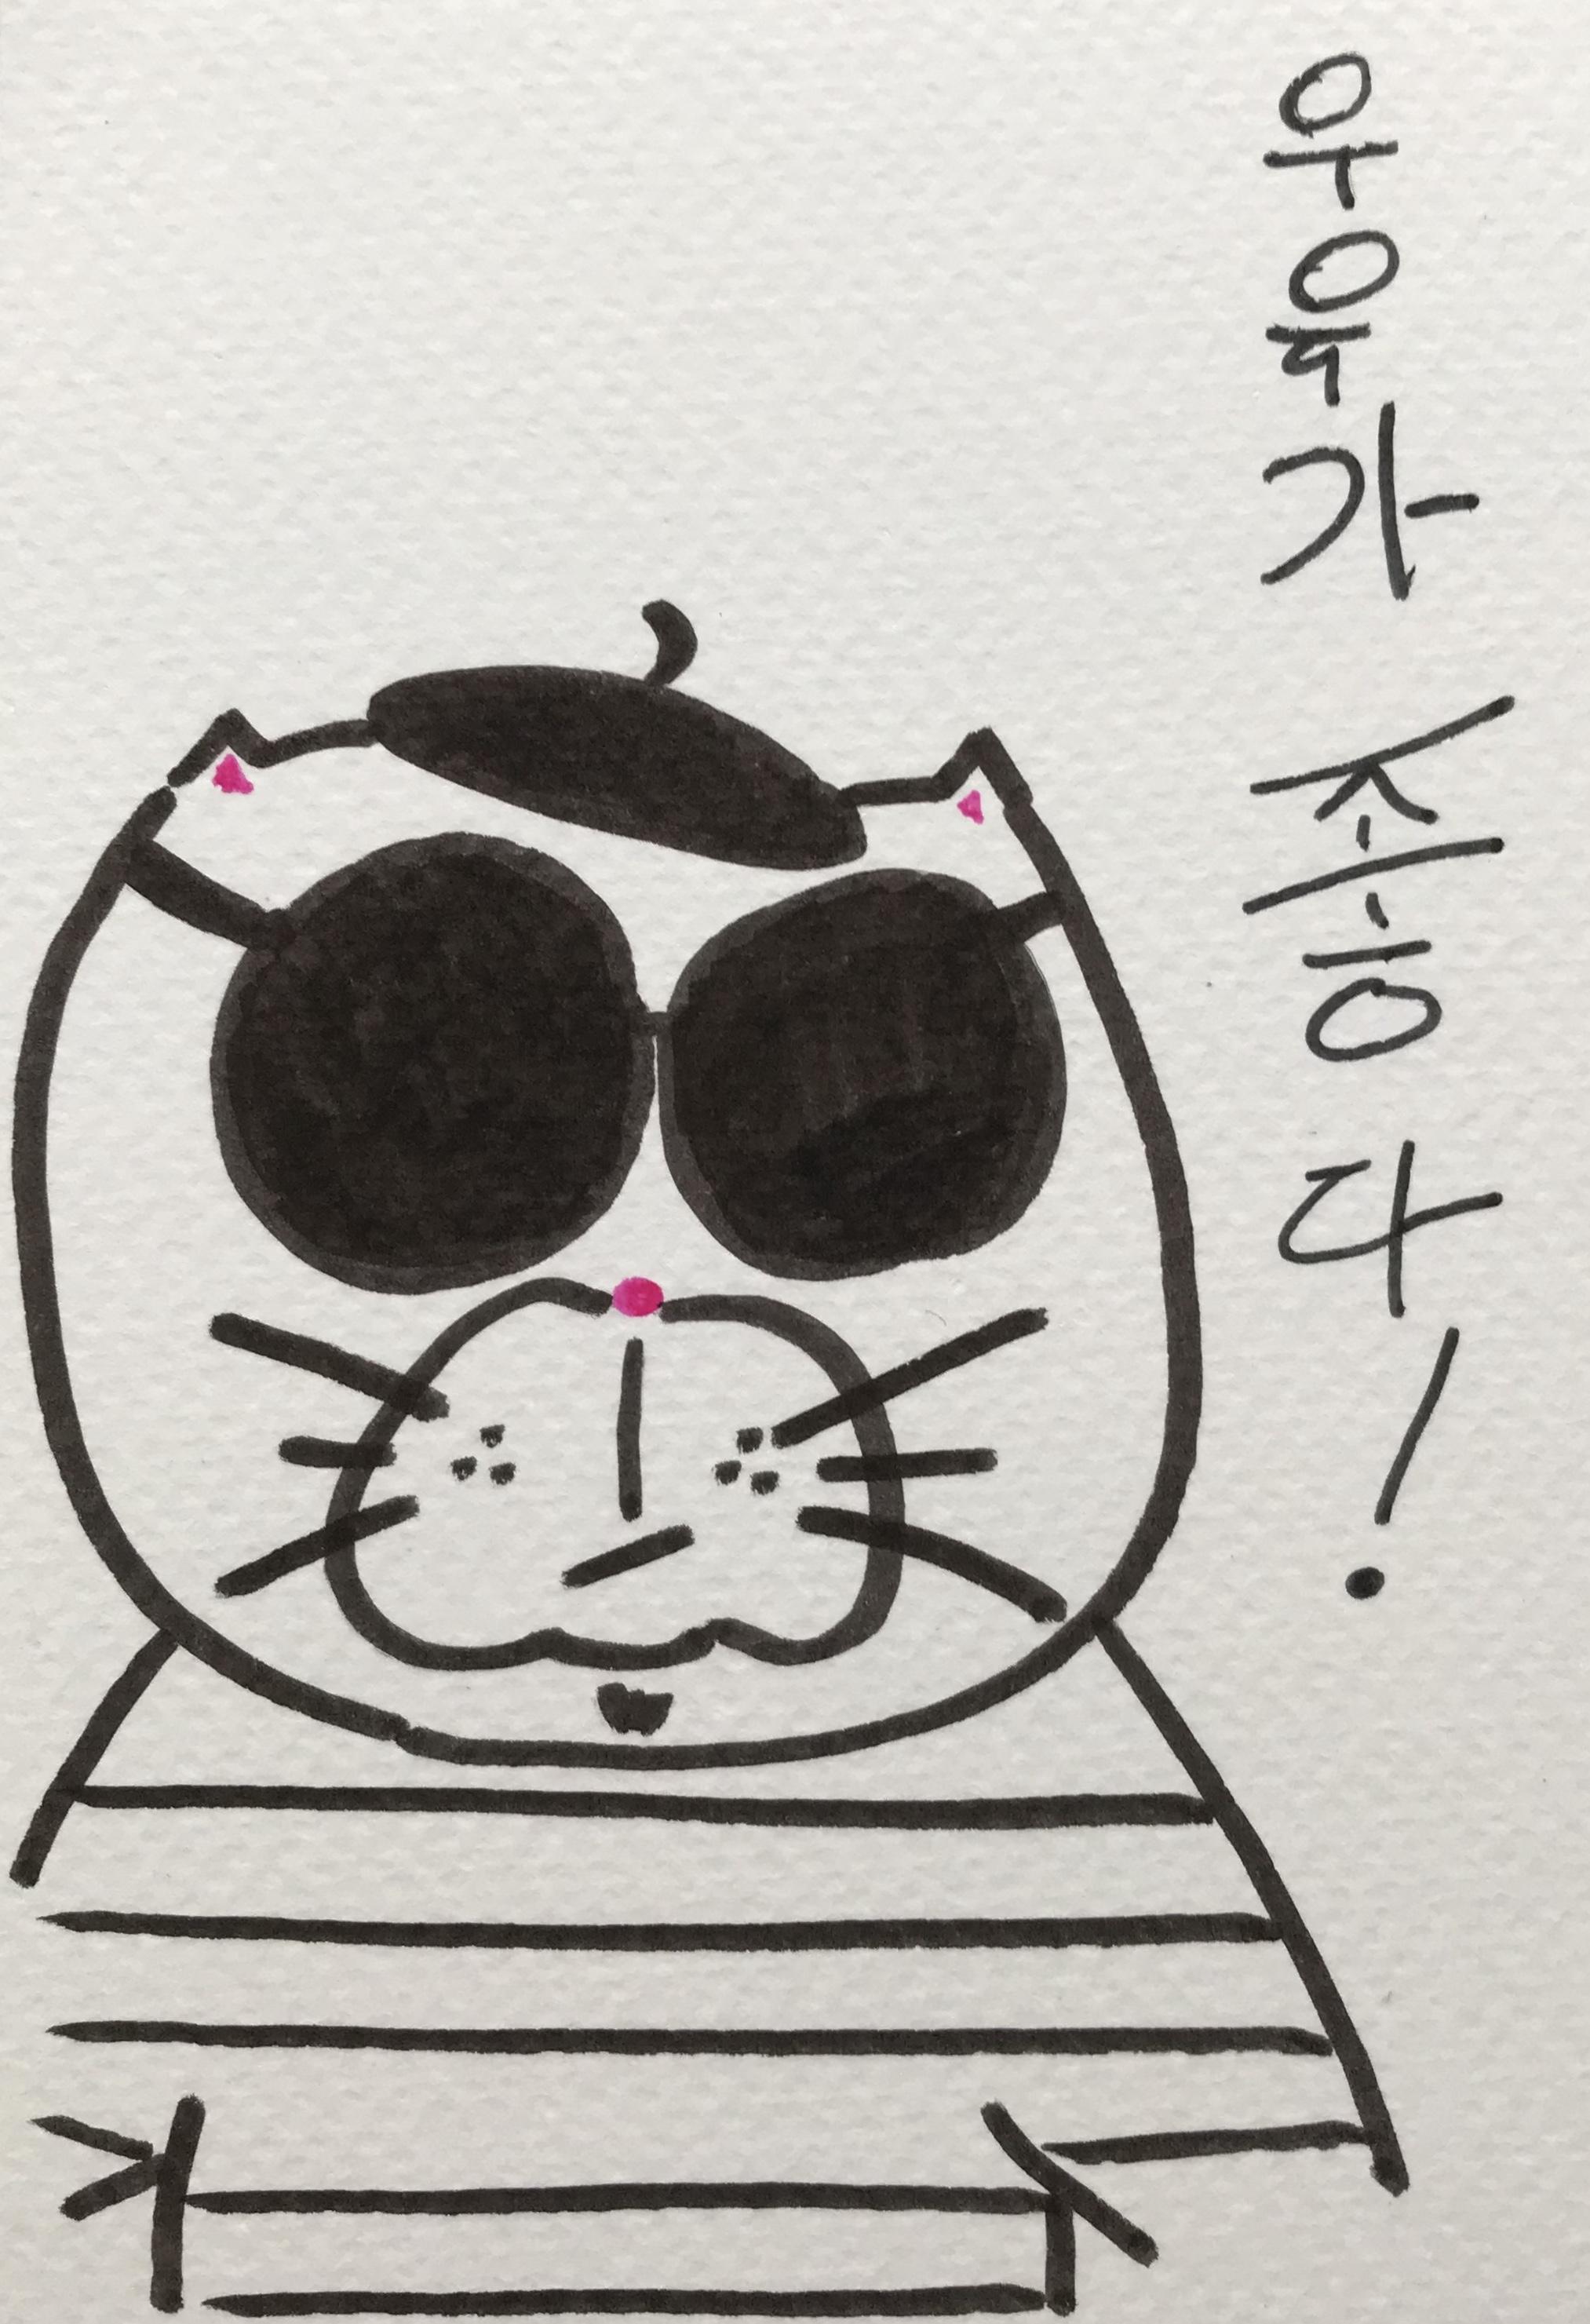 Beatnik kitten miylk